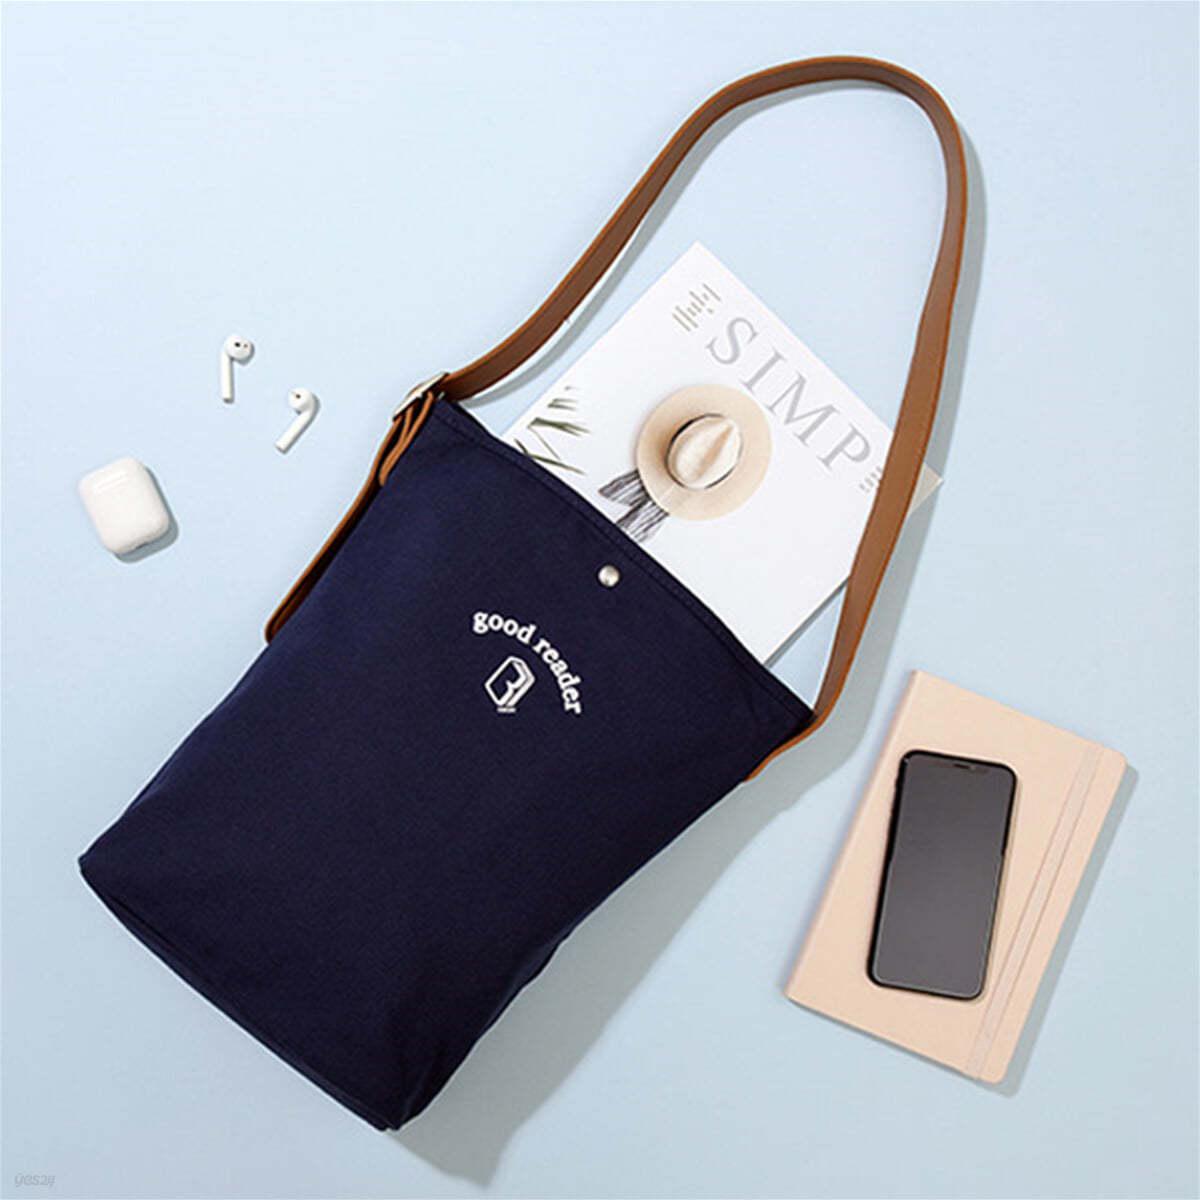 [예스베리굿즈] 굿리더를 위한 캔버스 BASIC BAG - 네이비